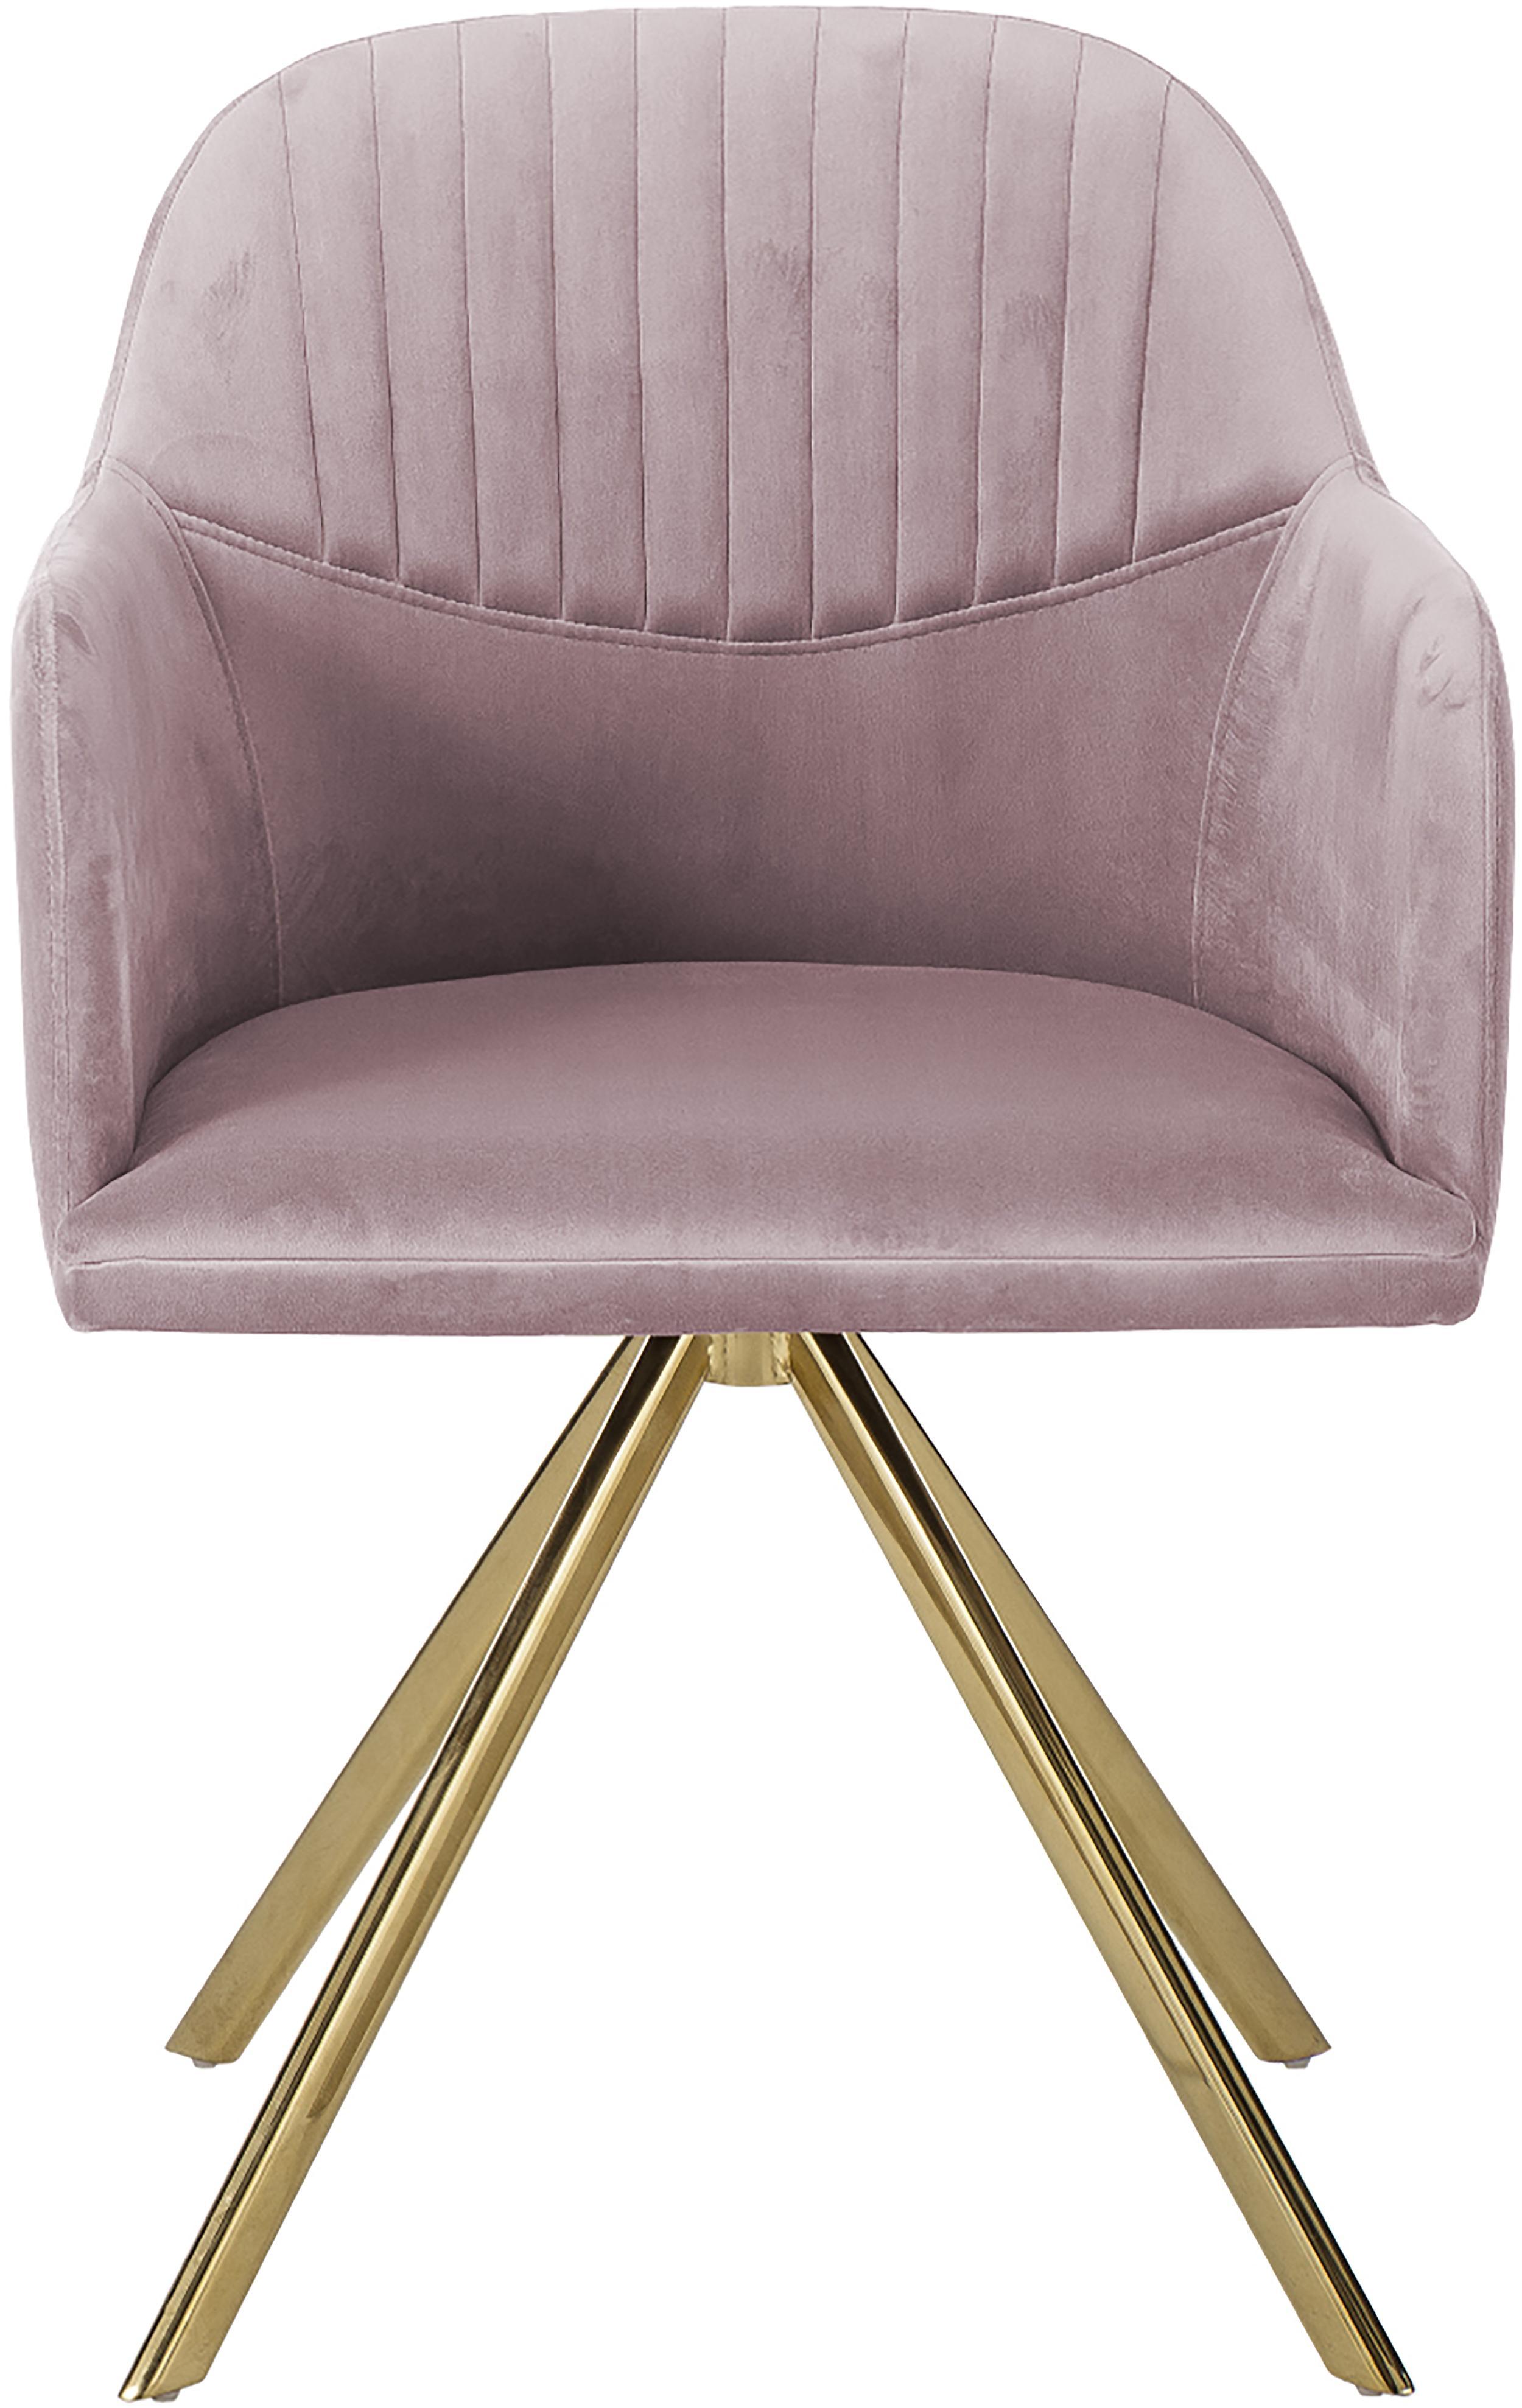 Chaise pivotante en velours avec accoudoirs  Lola, Velours mauve, pieds or